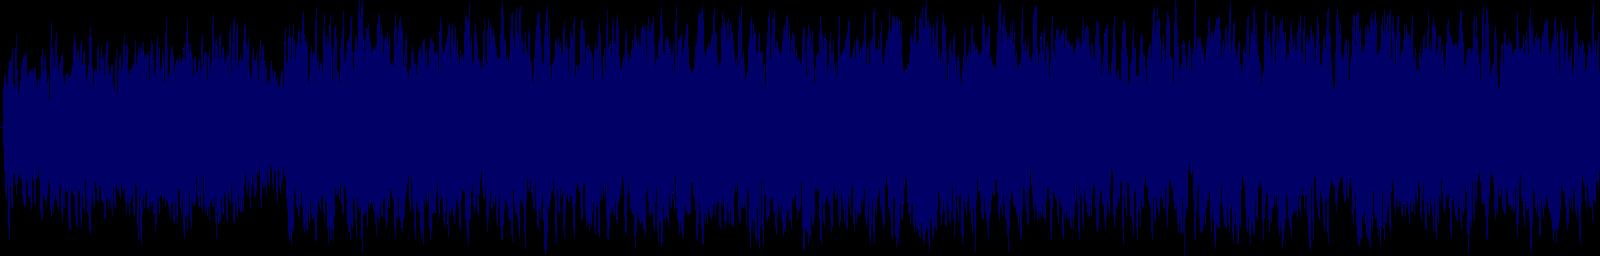 waveform of track #148835